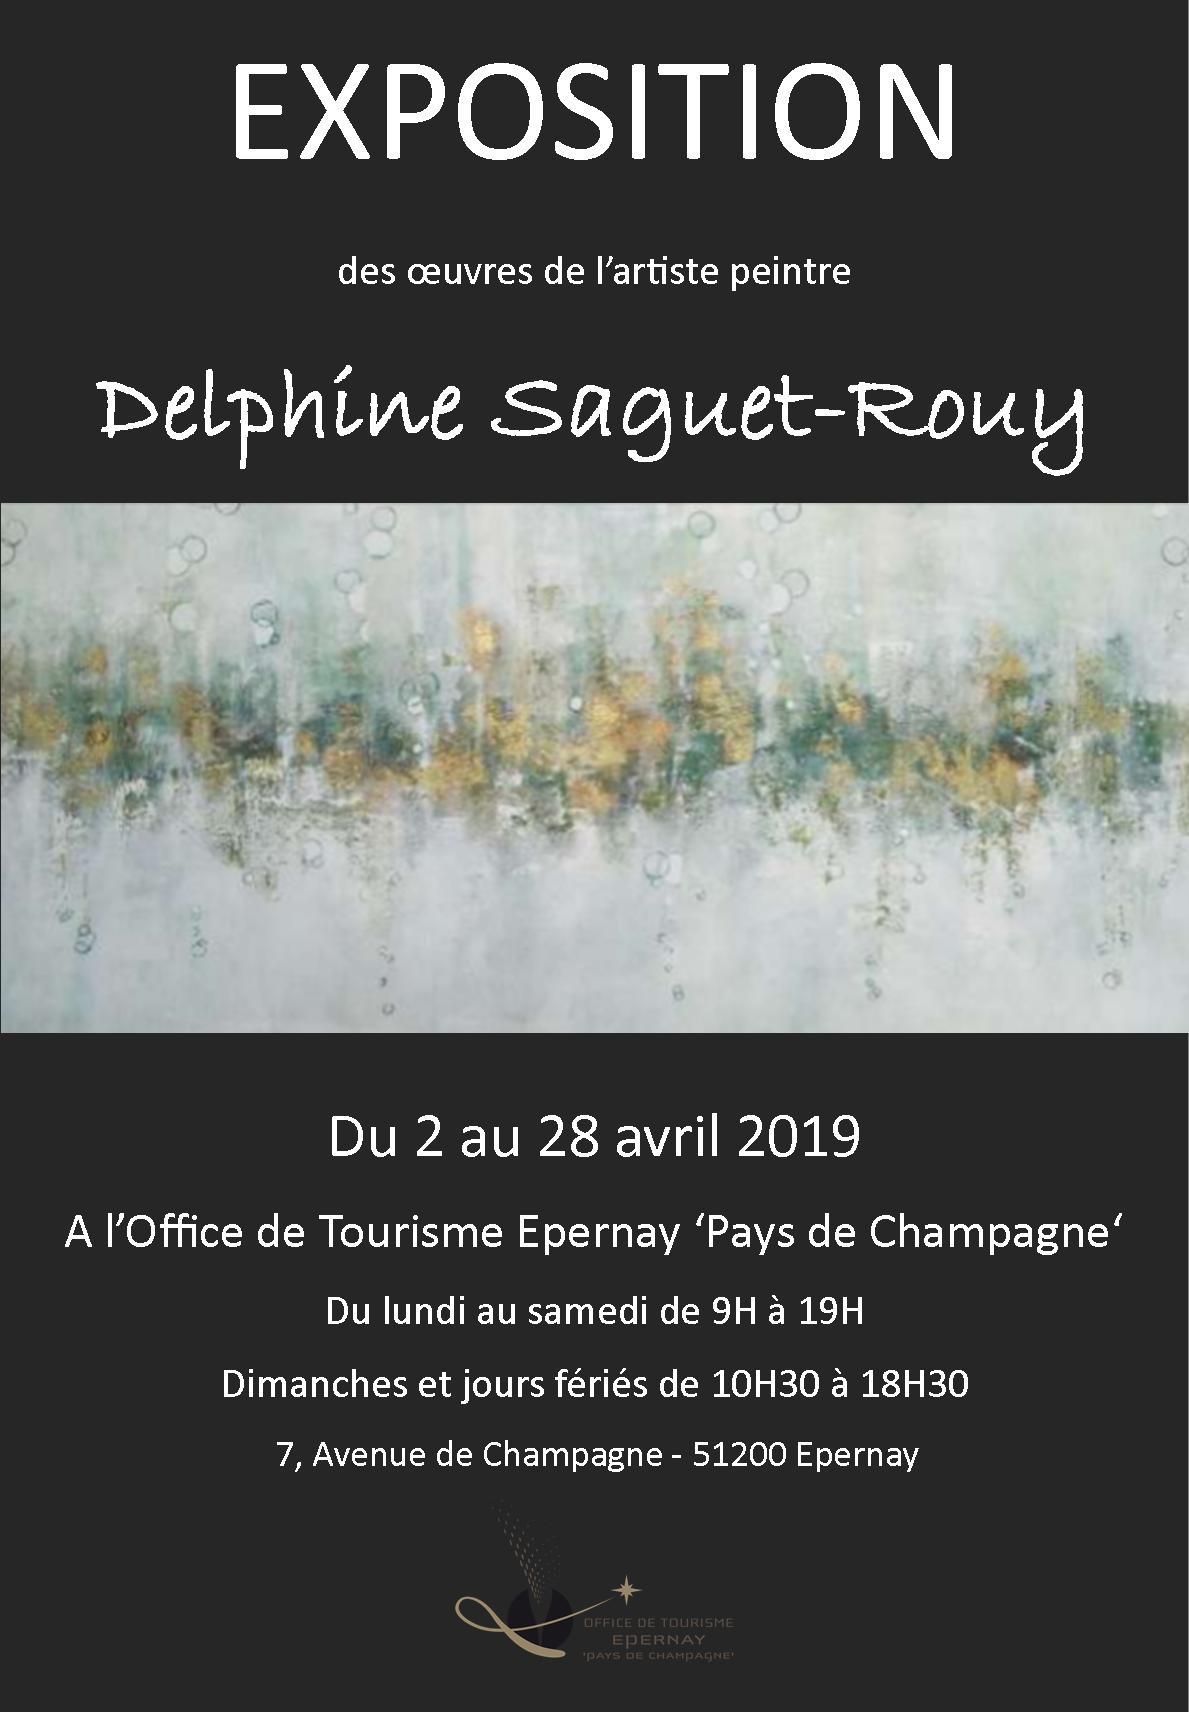 Affiche-expo-Delphine-Saguet---Office-de-Tourisme-Epernay--Pays-de-Champ